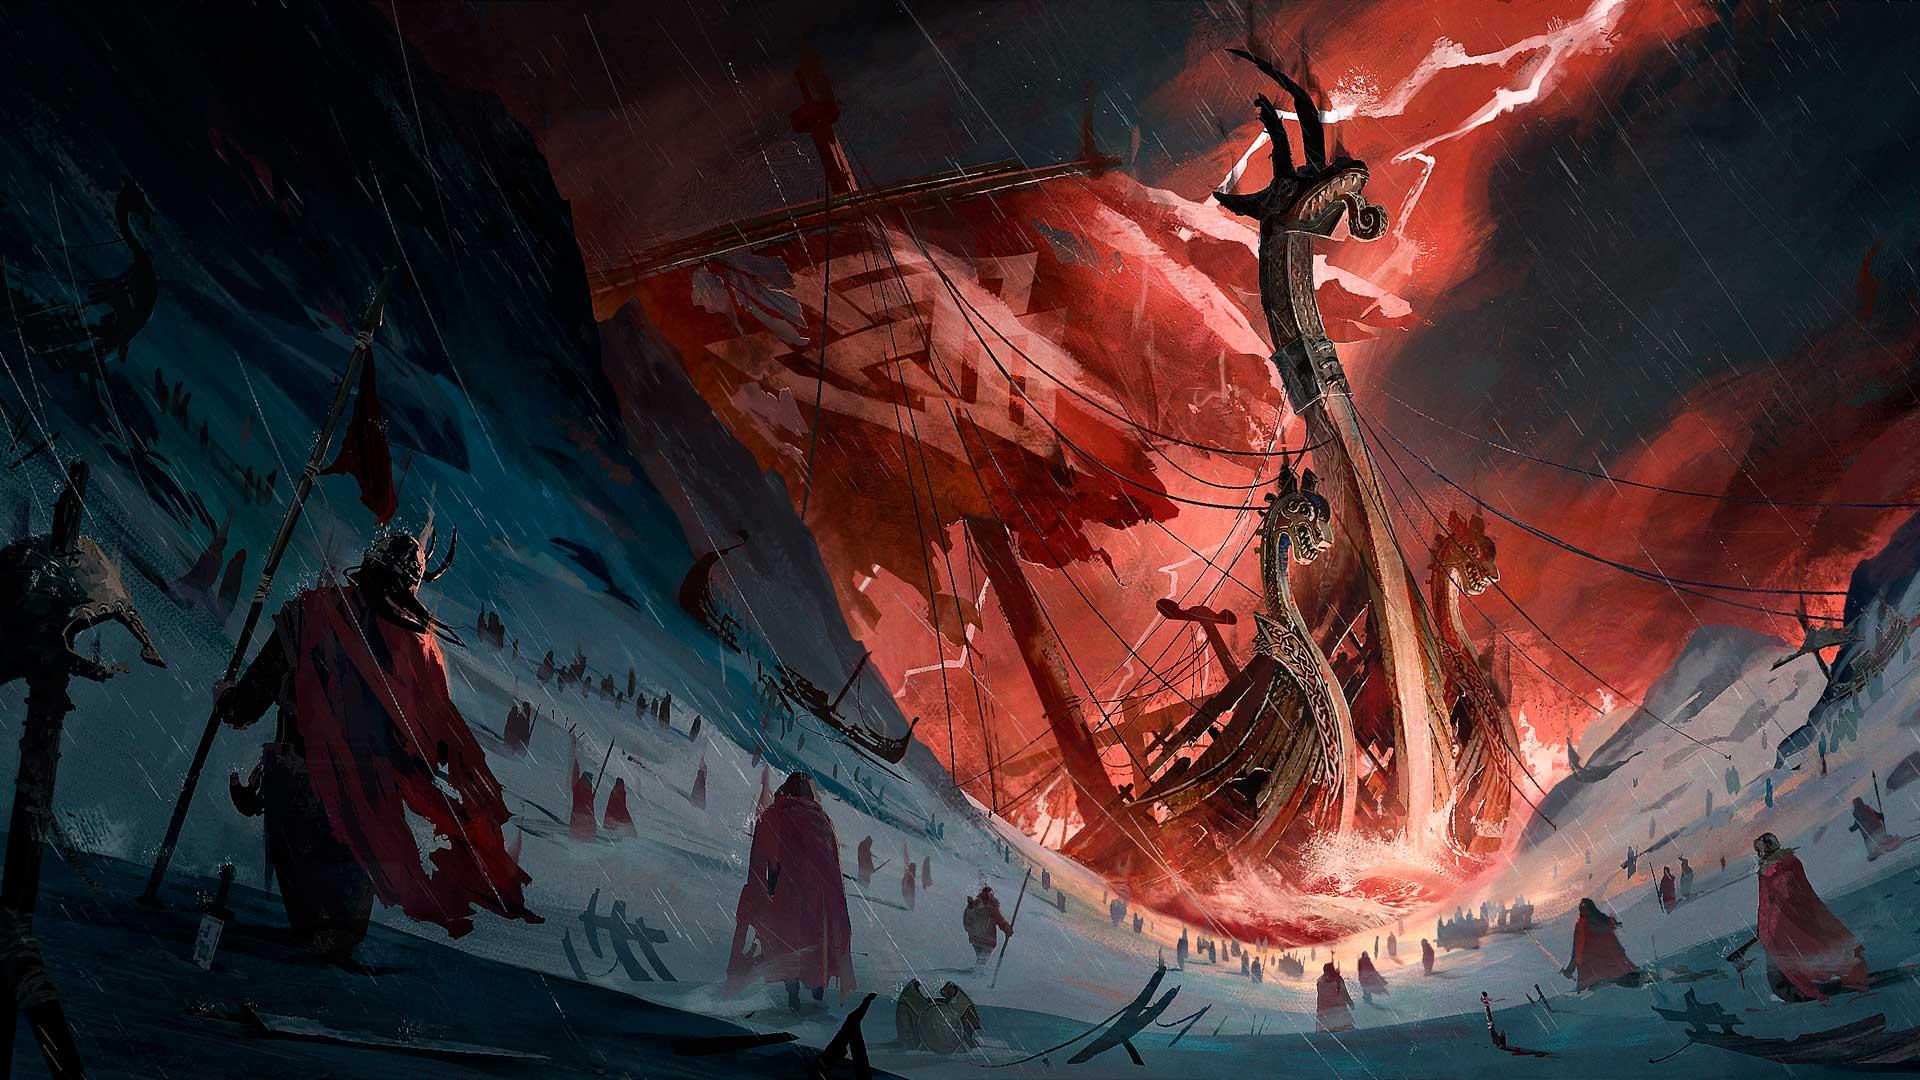 Filtrados los primeros detalles de Assassin's Creed Ragnarok, la entrega ambientada en la época vikinga 2